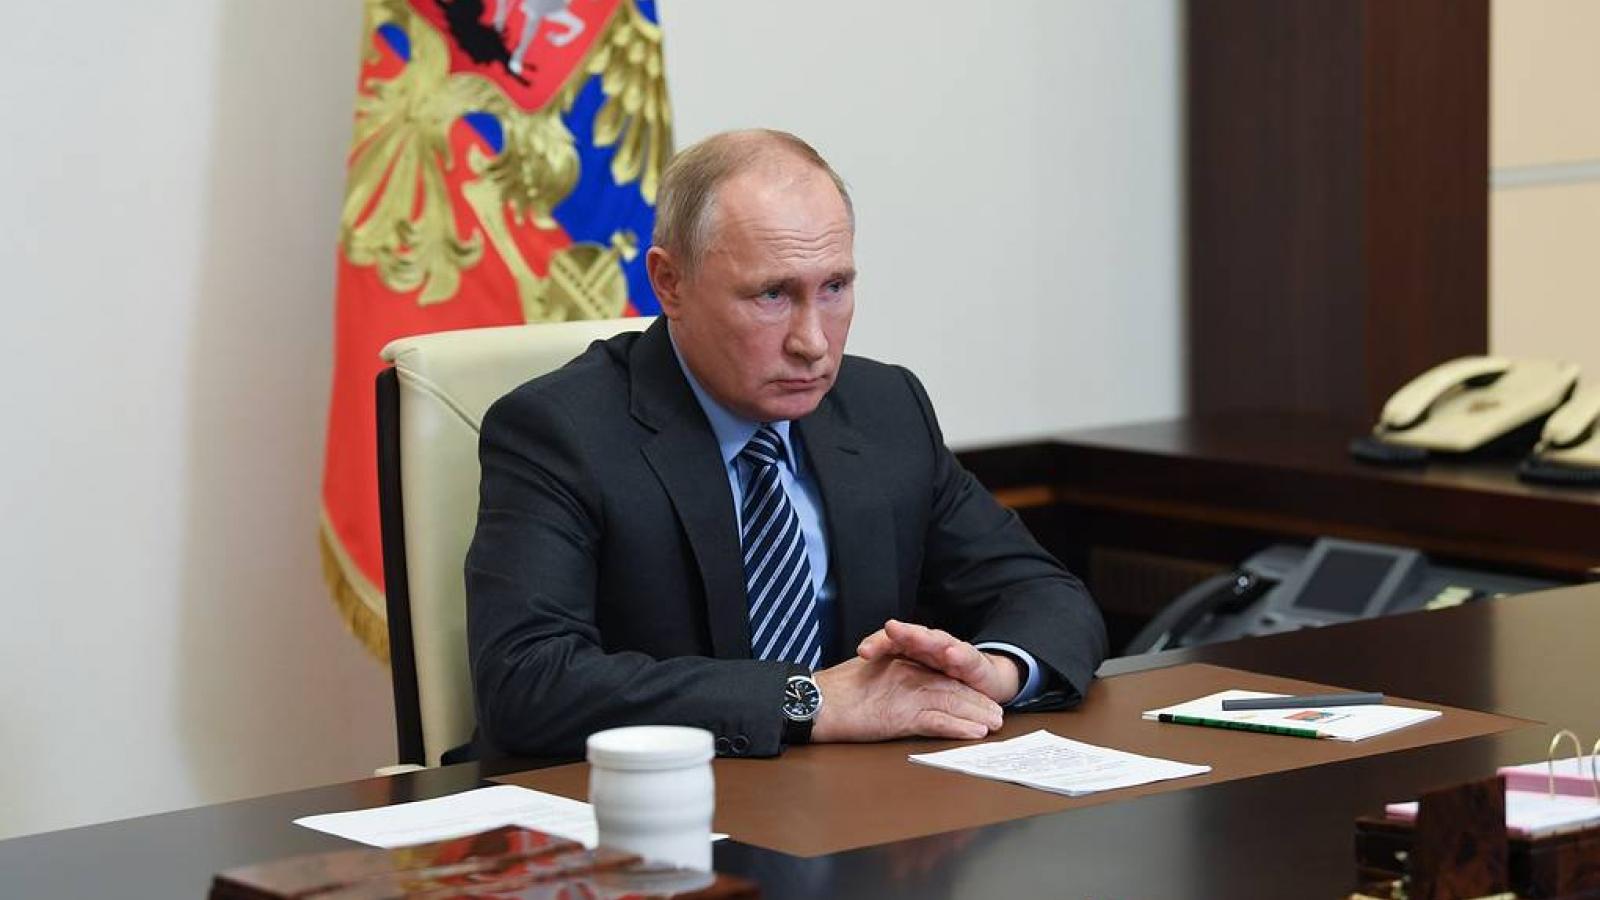 Tổng thống Putin ký sắc lệnh kéo dài lệnh trừng phạt phương Tây